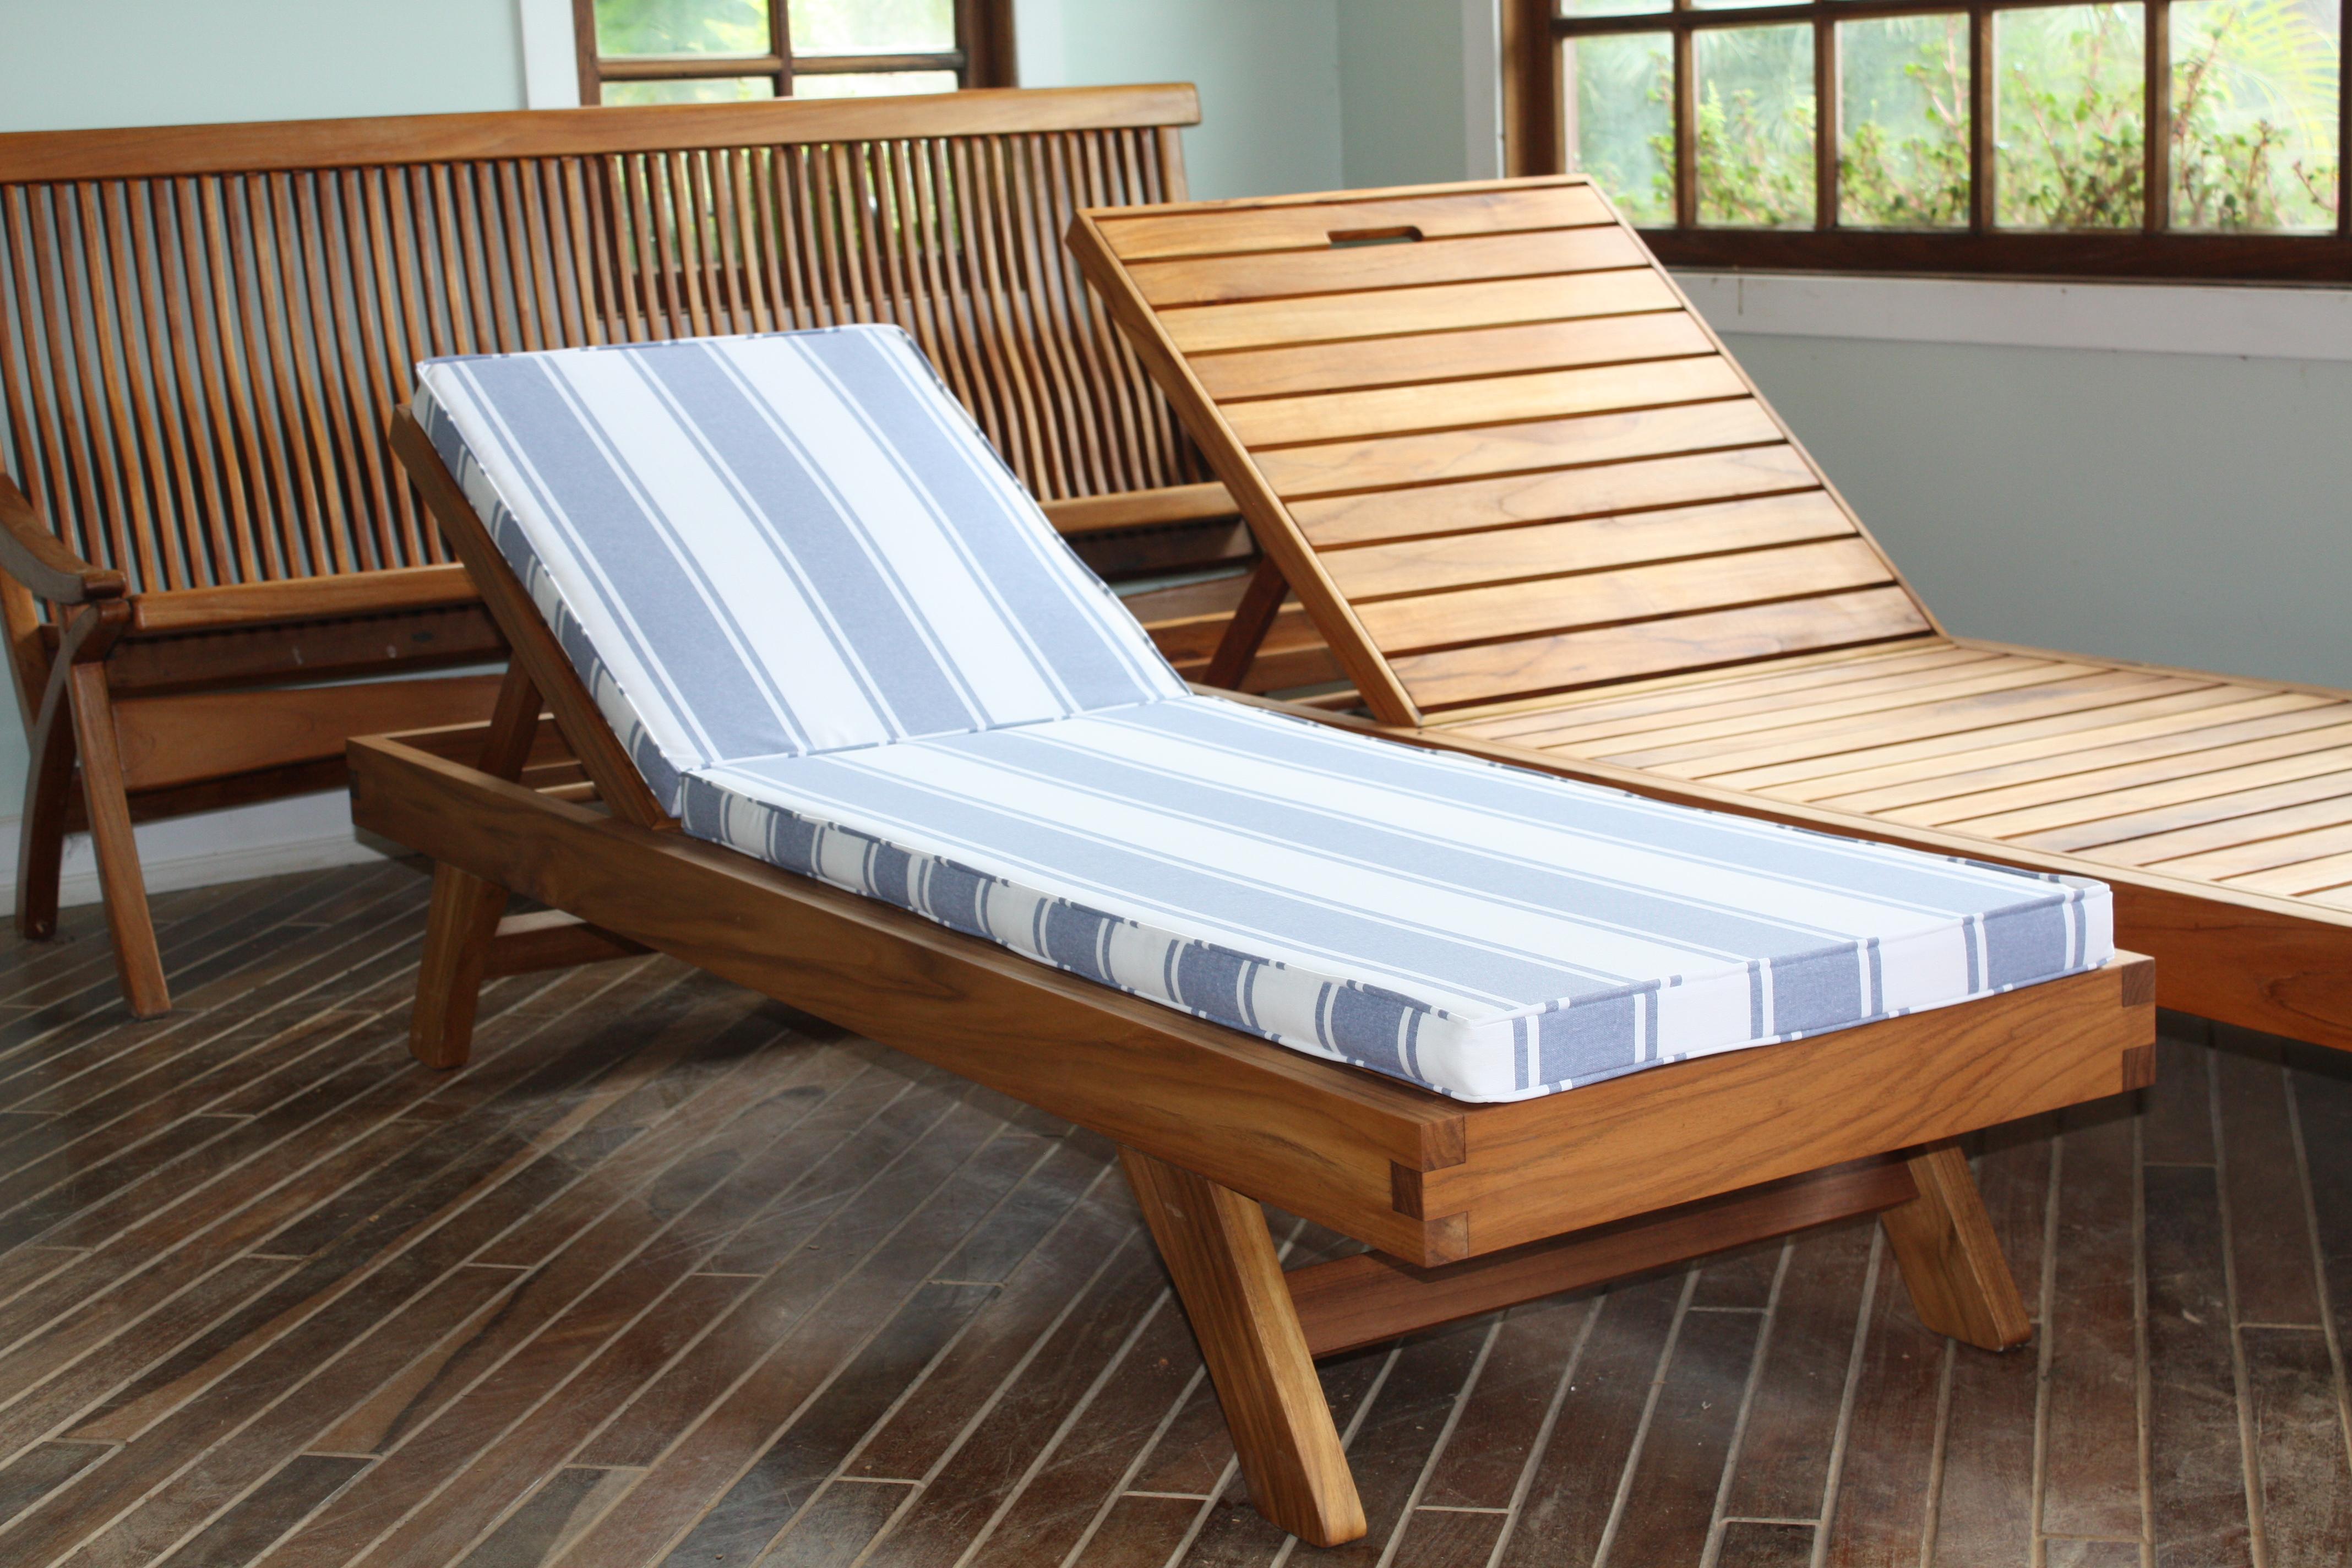 liege liegestuhl teakholz gartenger te gartenm bel. Black Bedroom Furniture Sets. Home Design Ideas